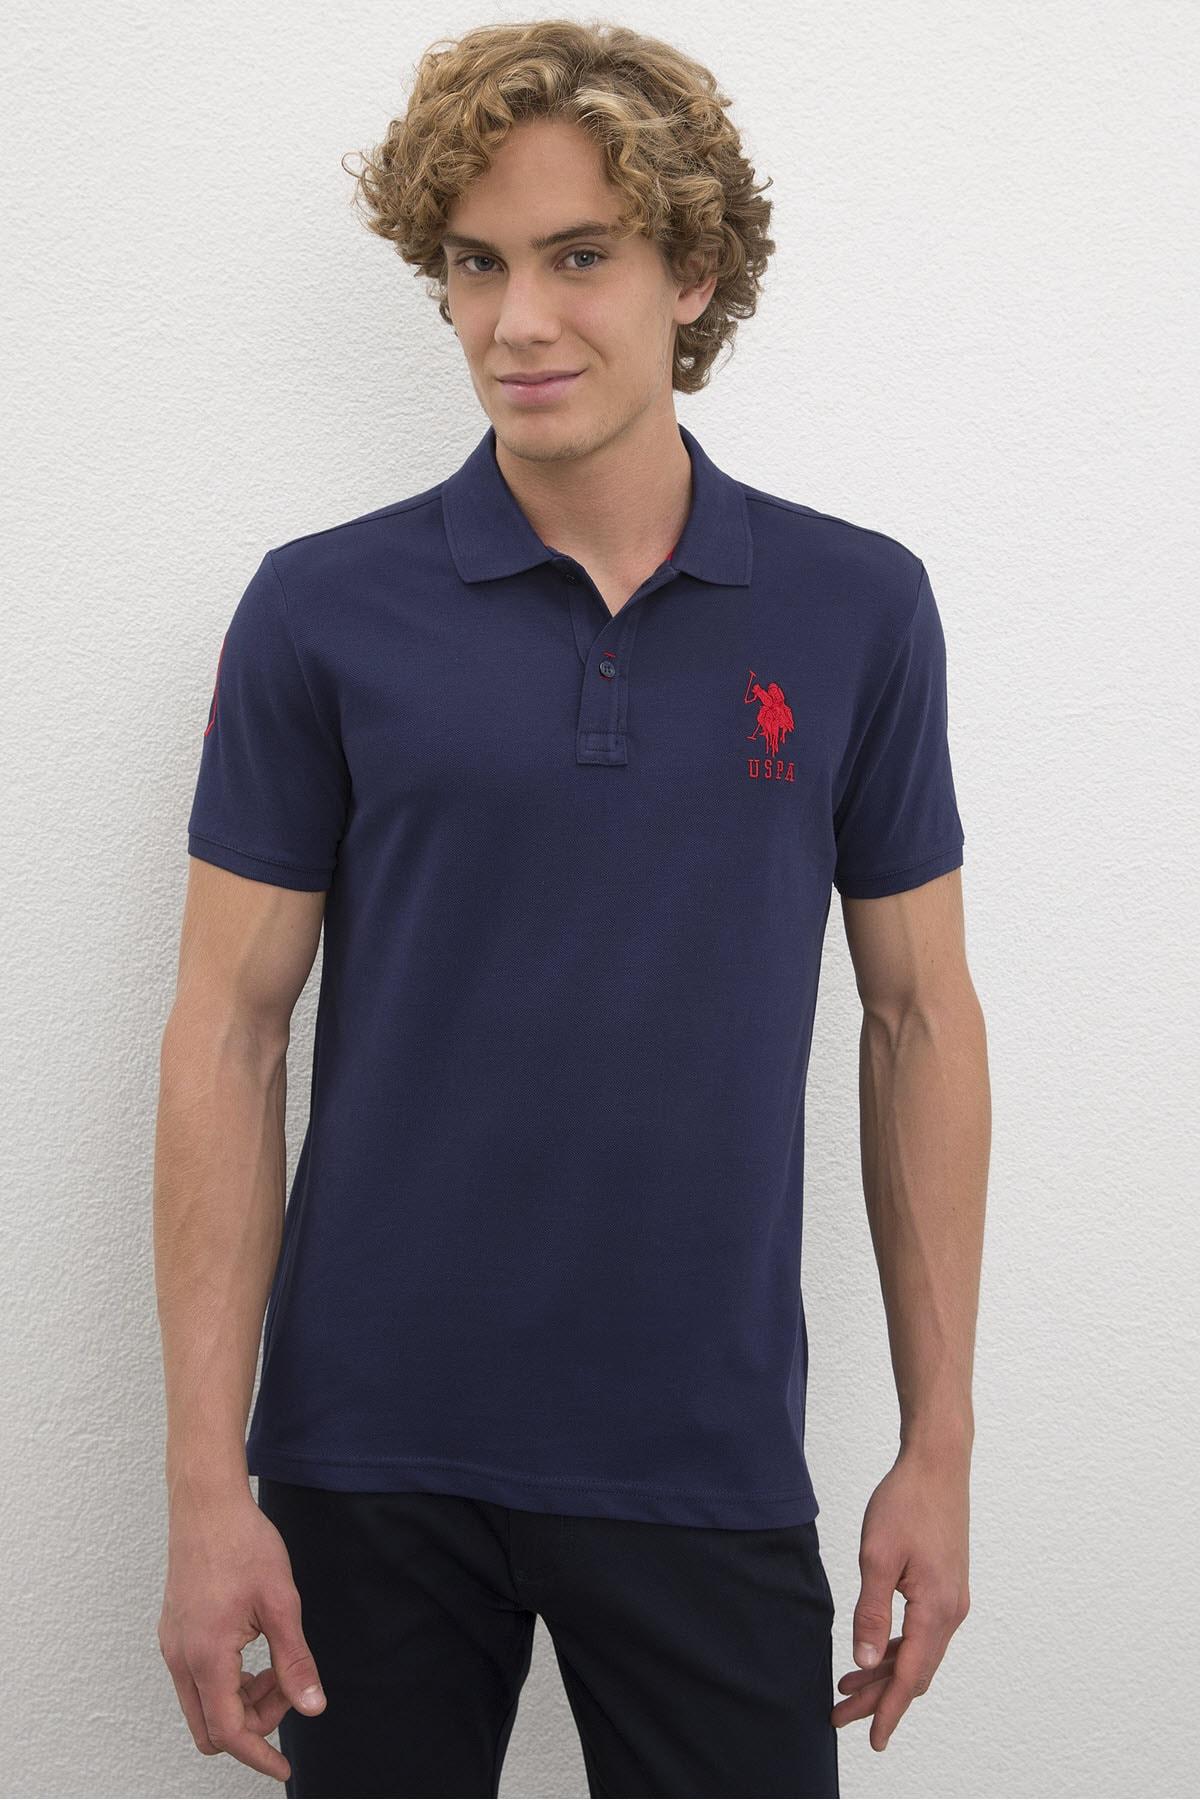 U.S. Polo Assn. Lacıvert Erkek T-Shirt 1